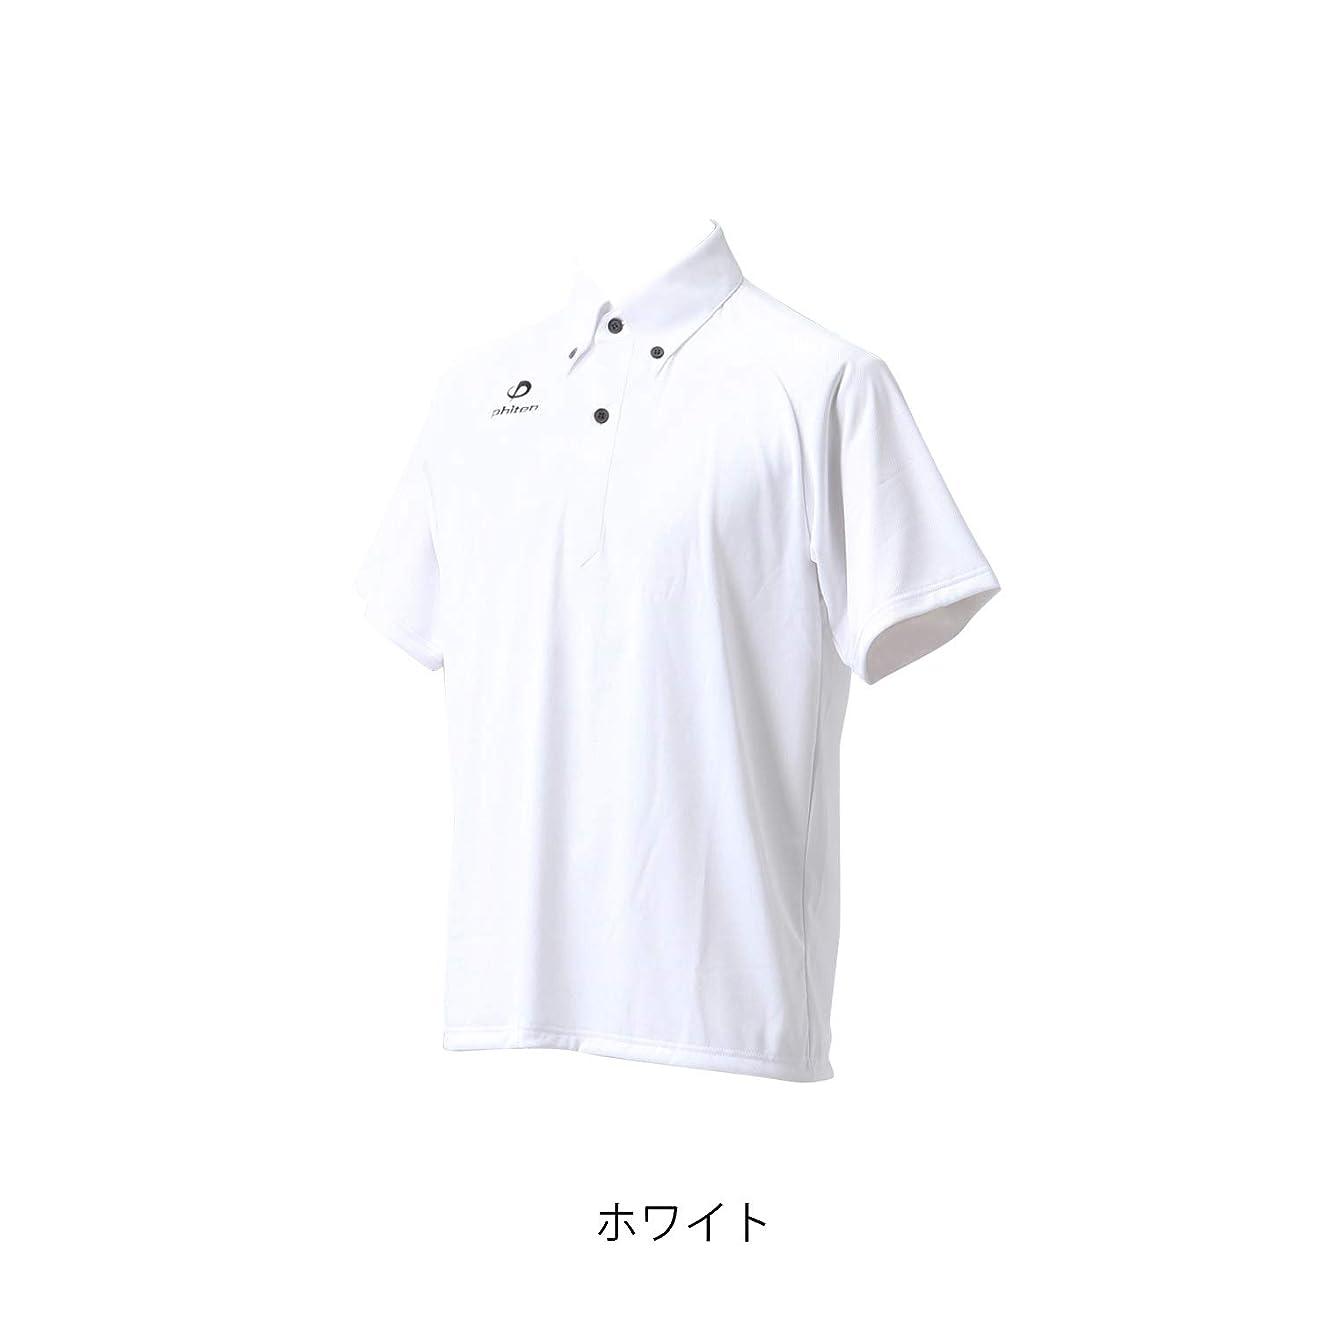 比較的ジョージバーナードコンドームファイテン(phiten) ポロシャツ (OZ) ボタンダウン2 (半袖タイプ)ホワイト3Lサイズ